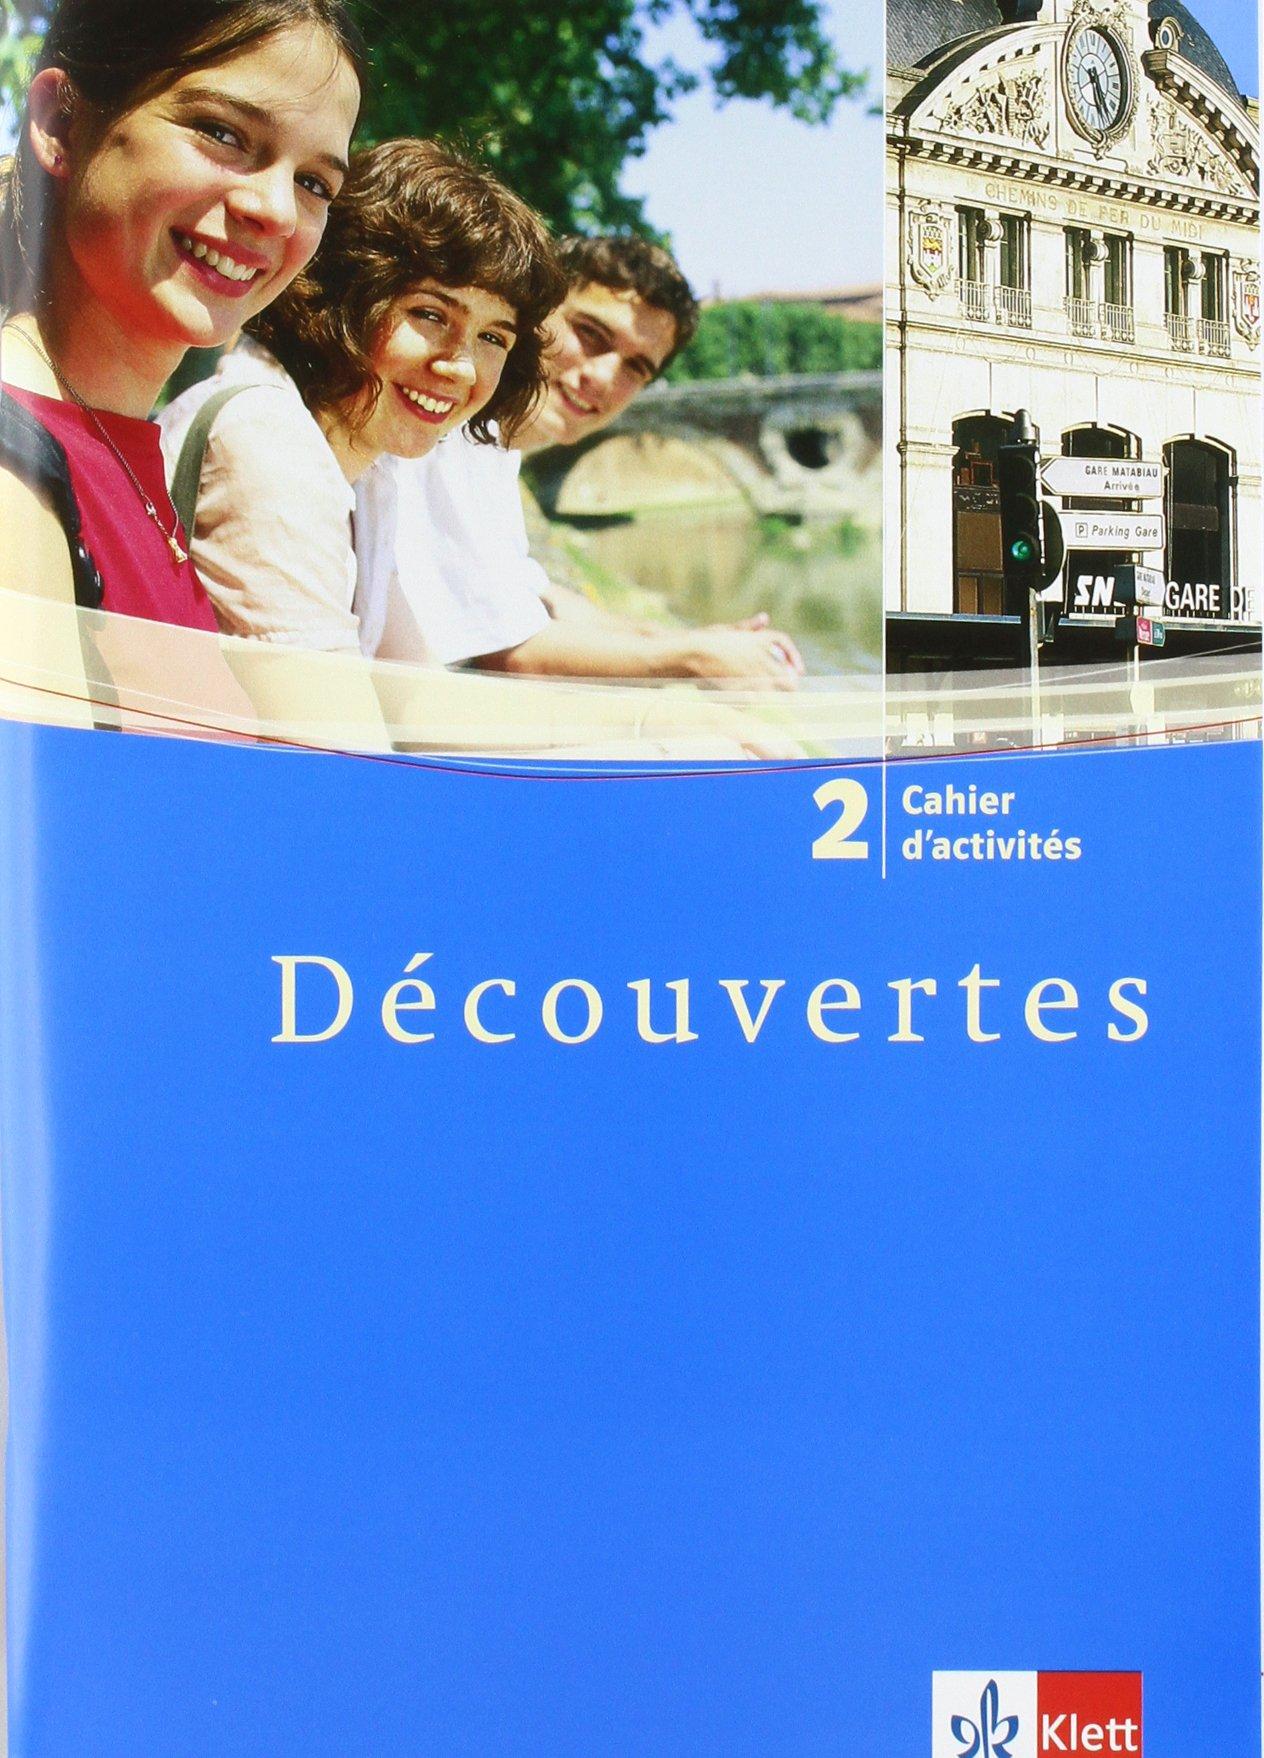 Découvertes / Cahier d'activités - Band 2